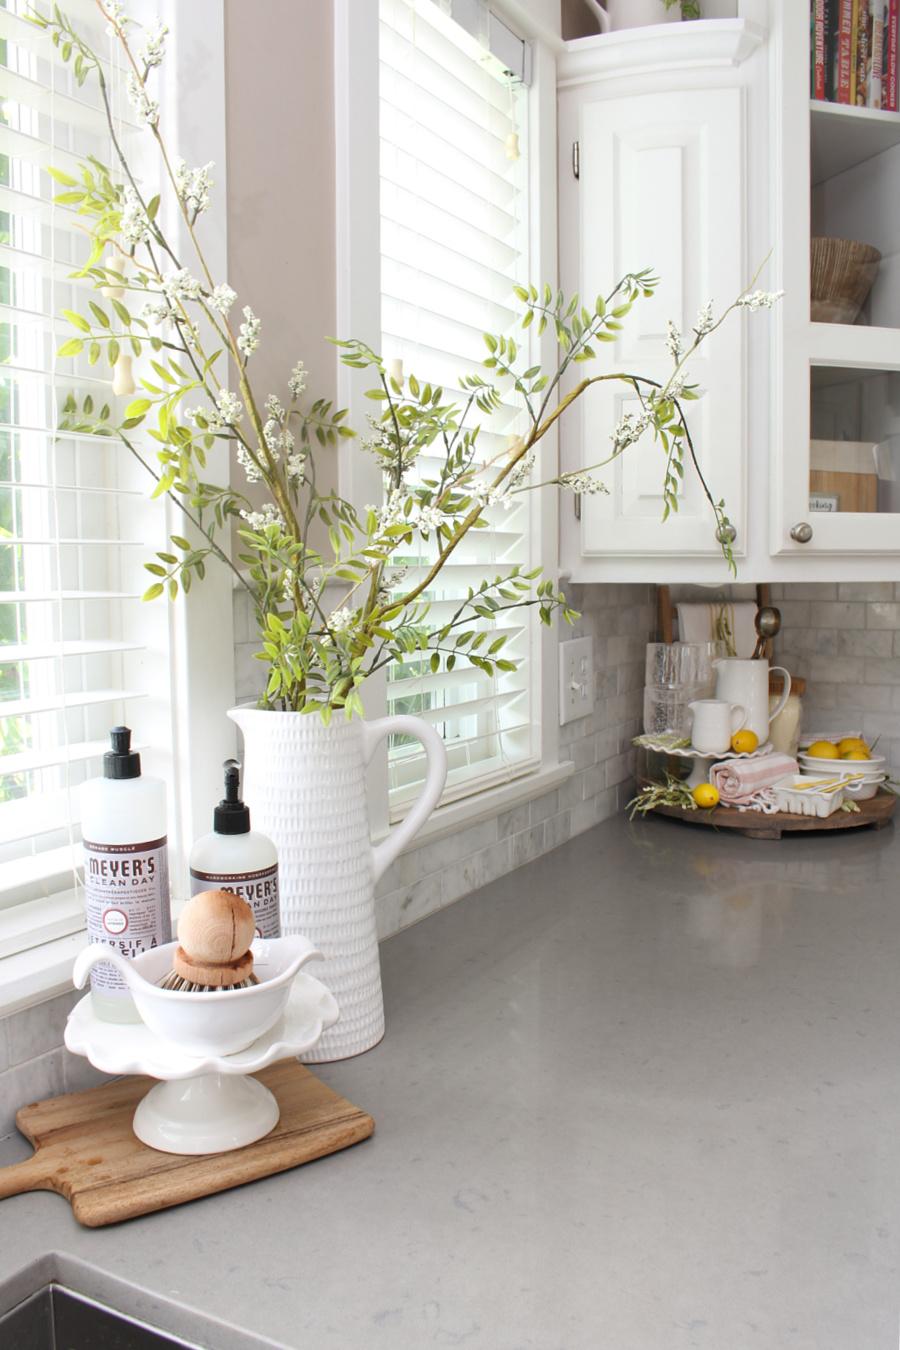 Simple summer kitchen decor in a white kitchen.